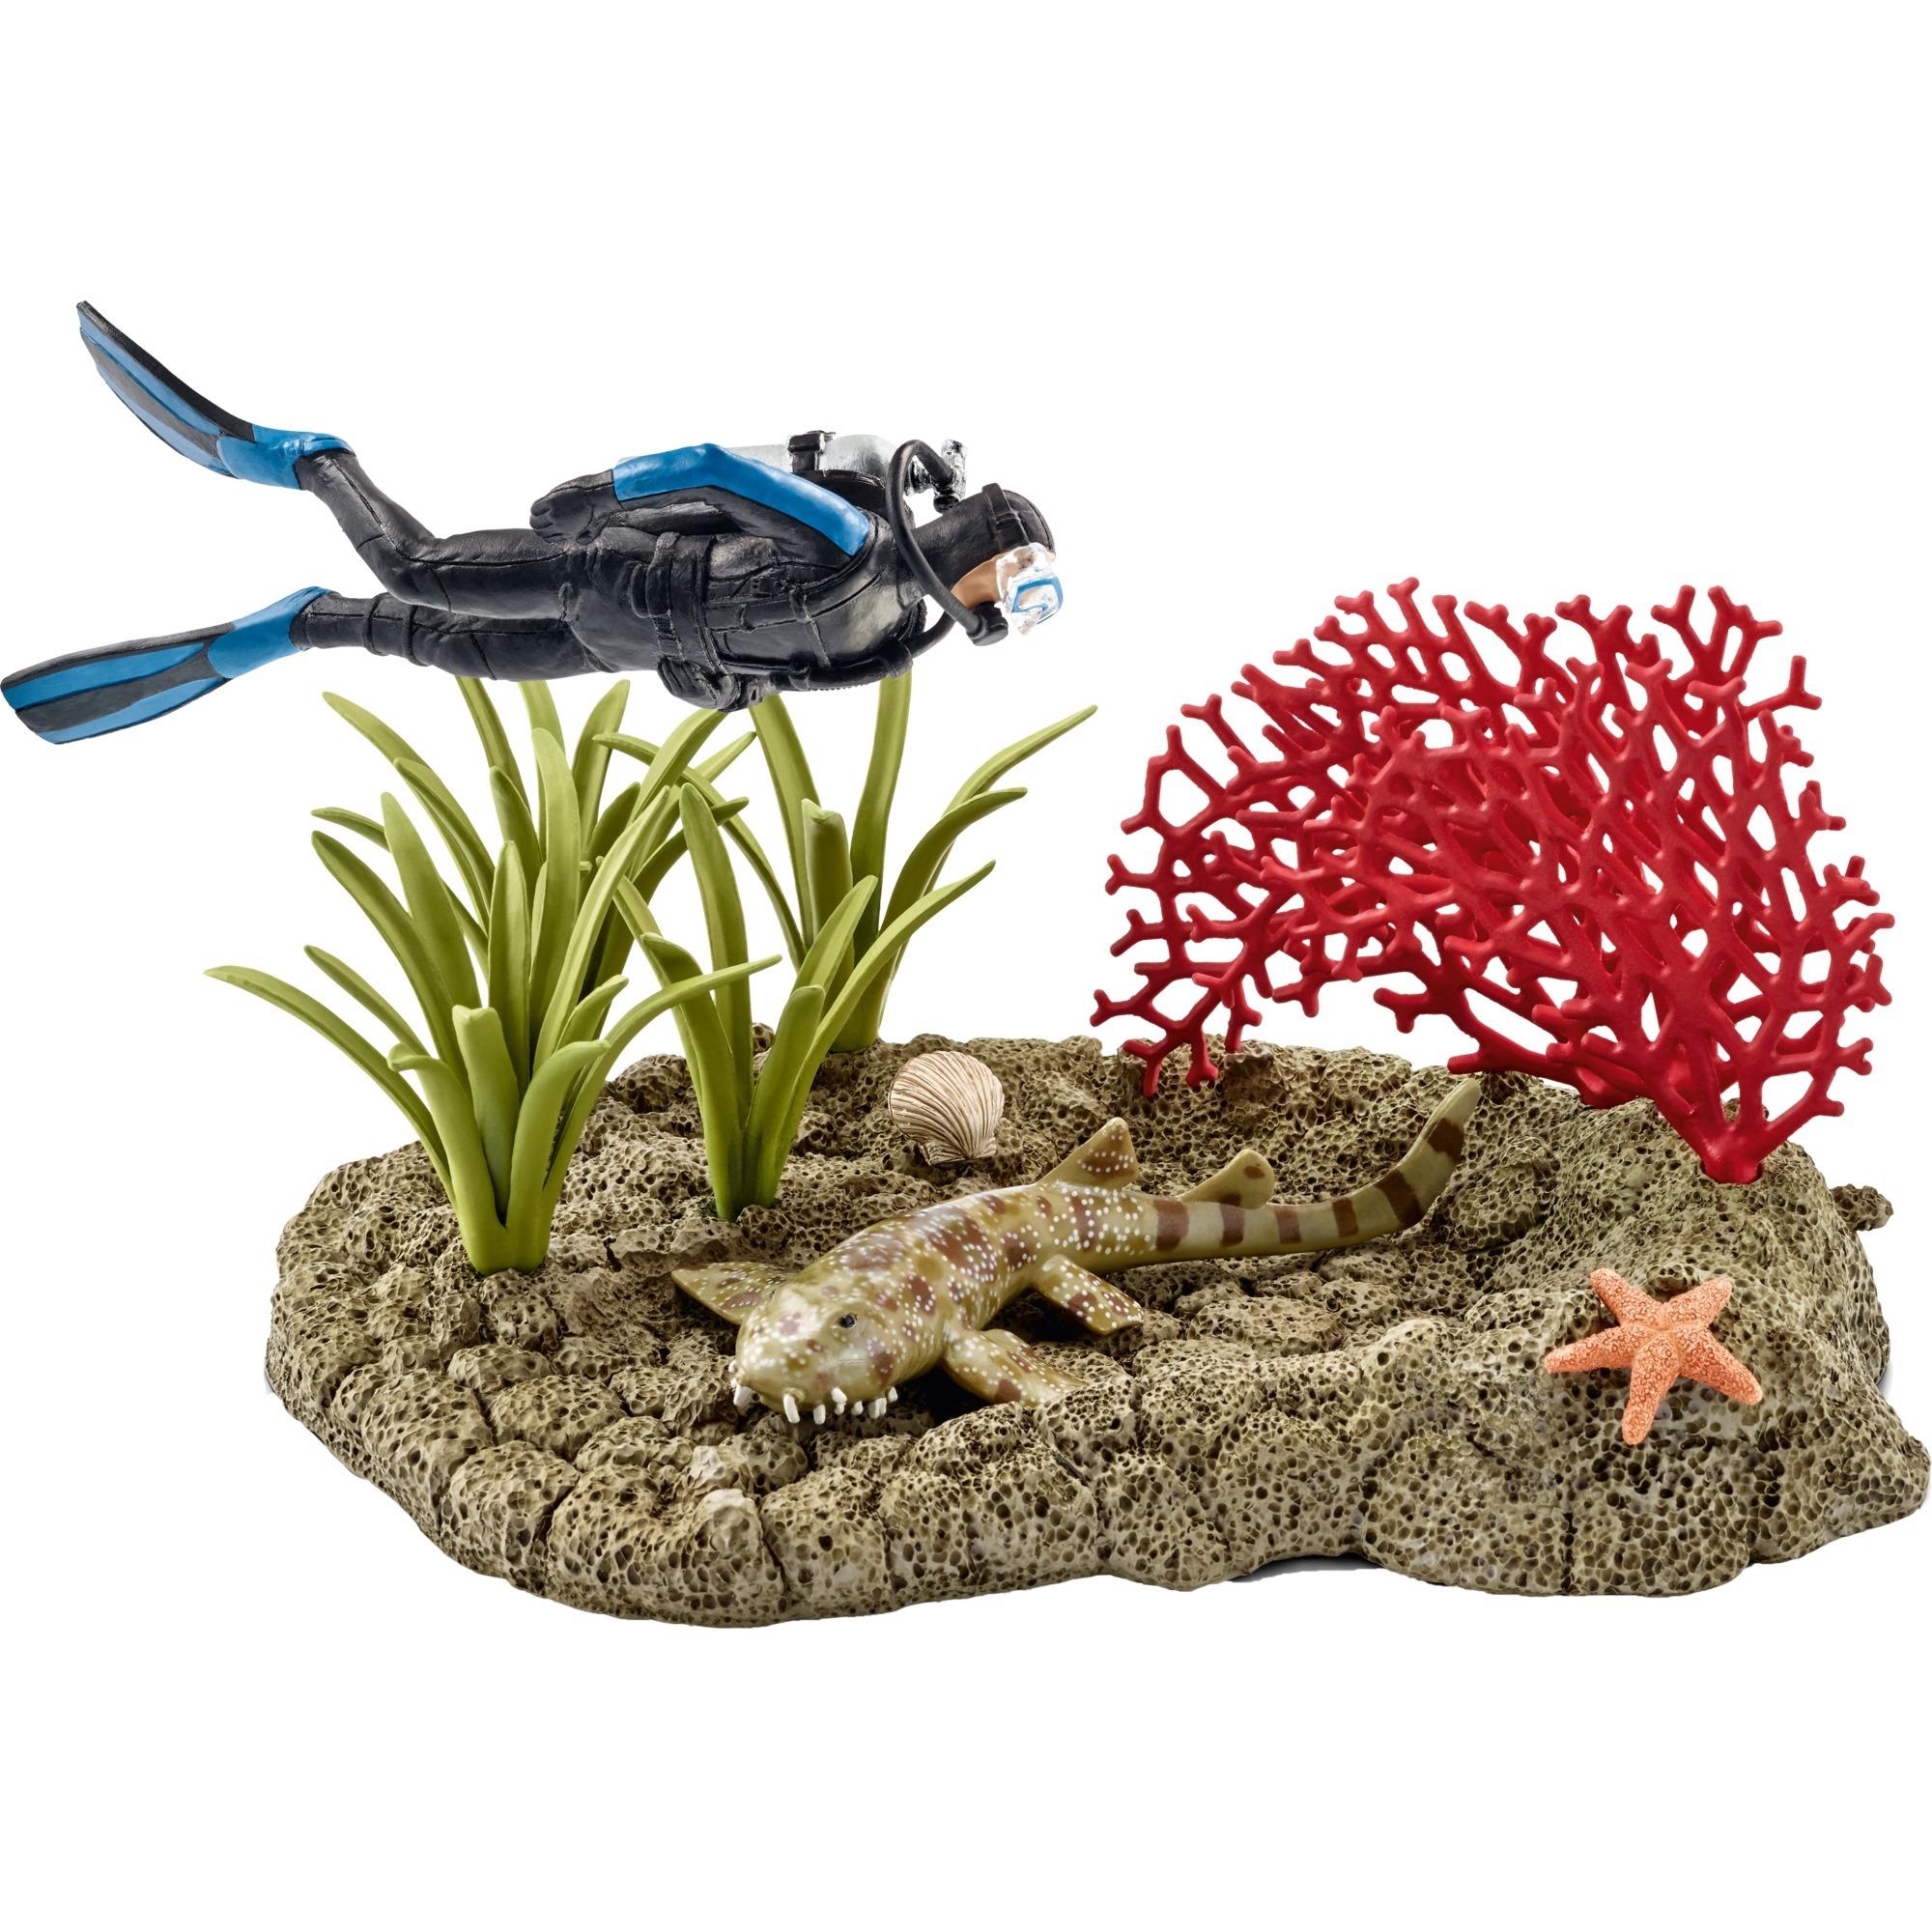 coral-reef-diver-spil-figur